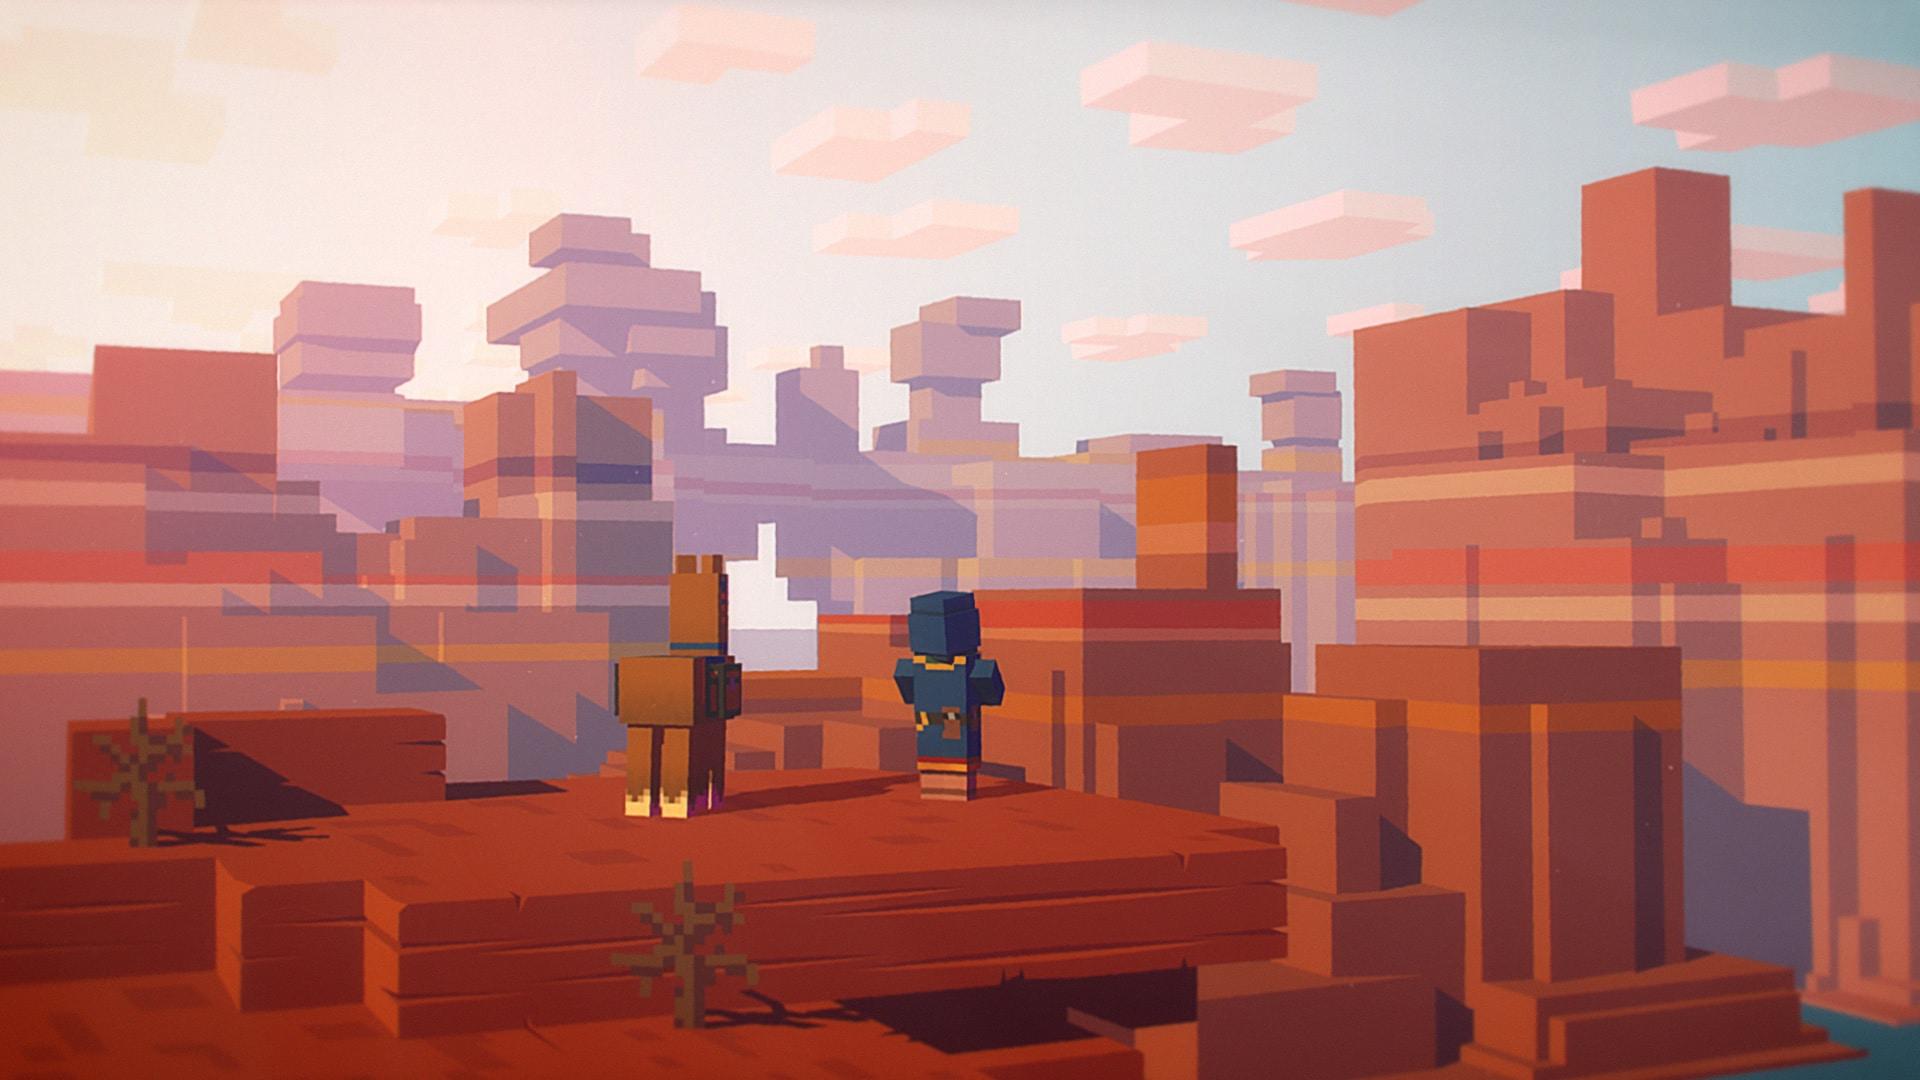 Huvud karaktär tittar ut över landskap